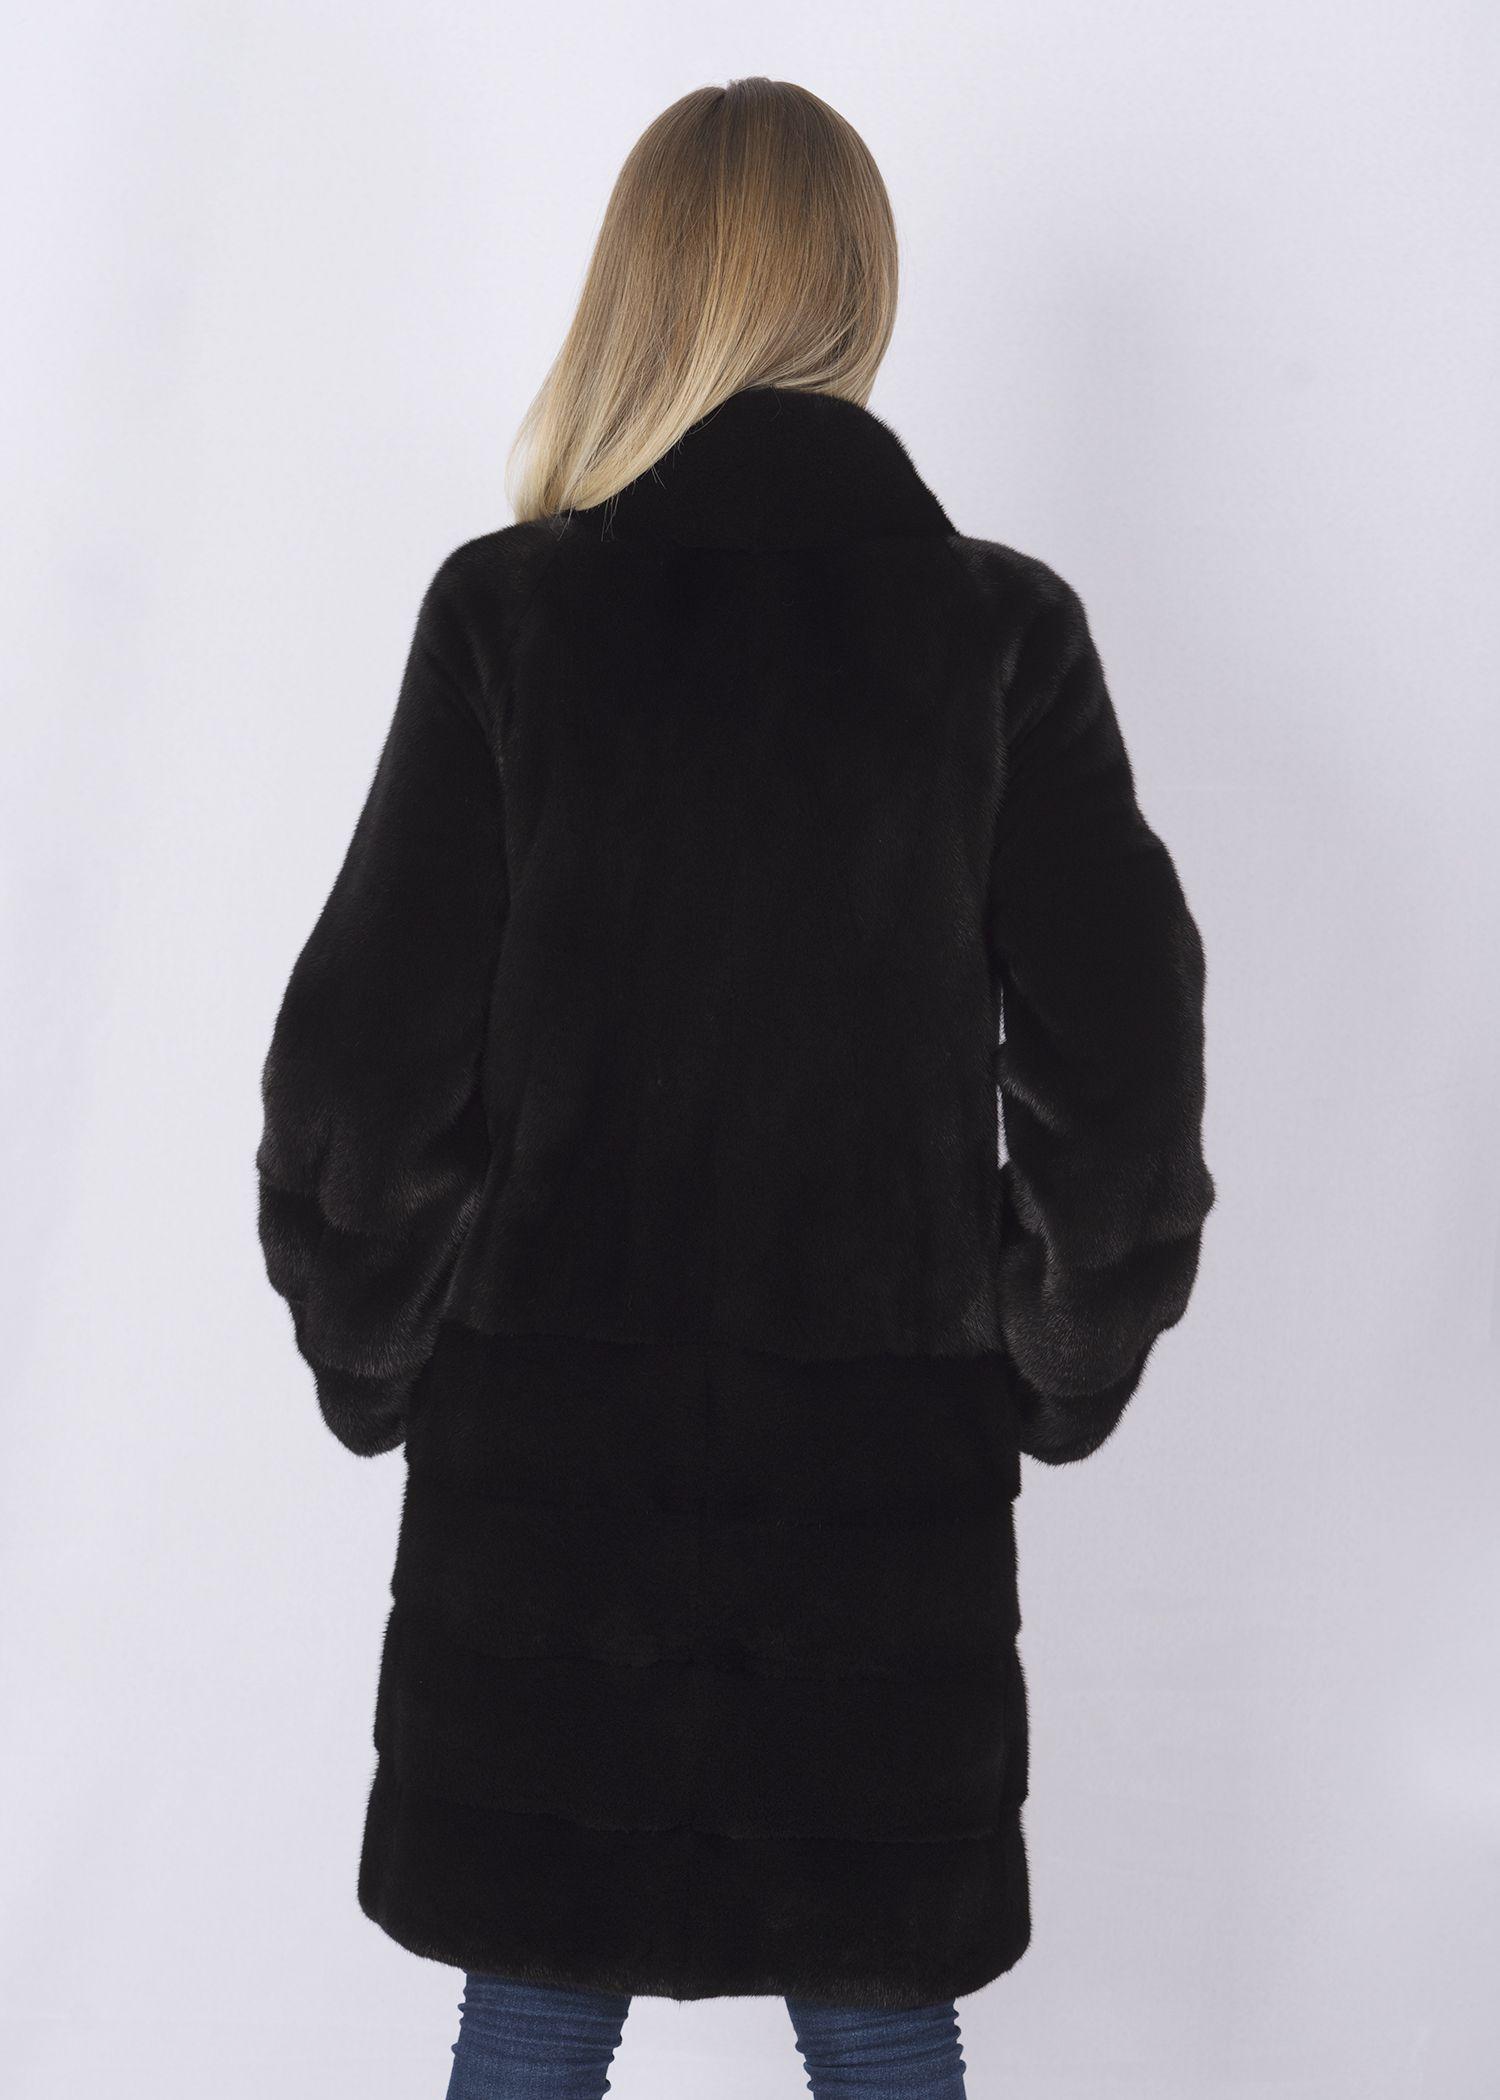 Шуба женская норковая 4061 фото №1